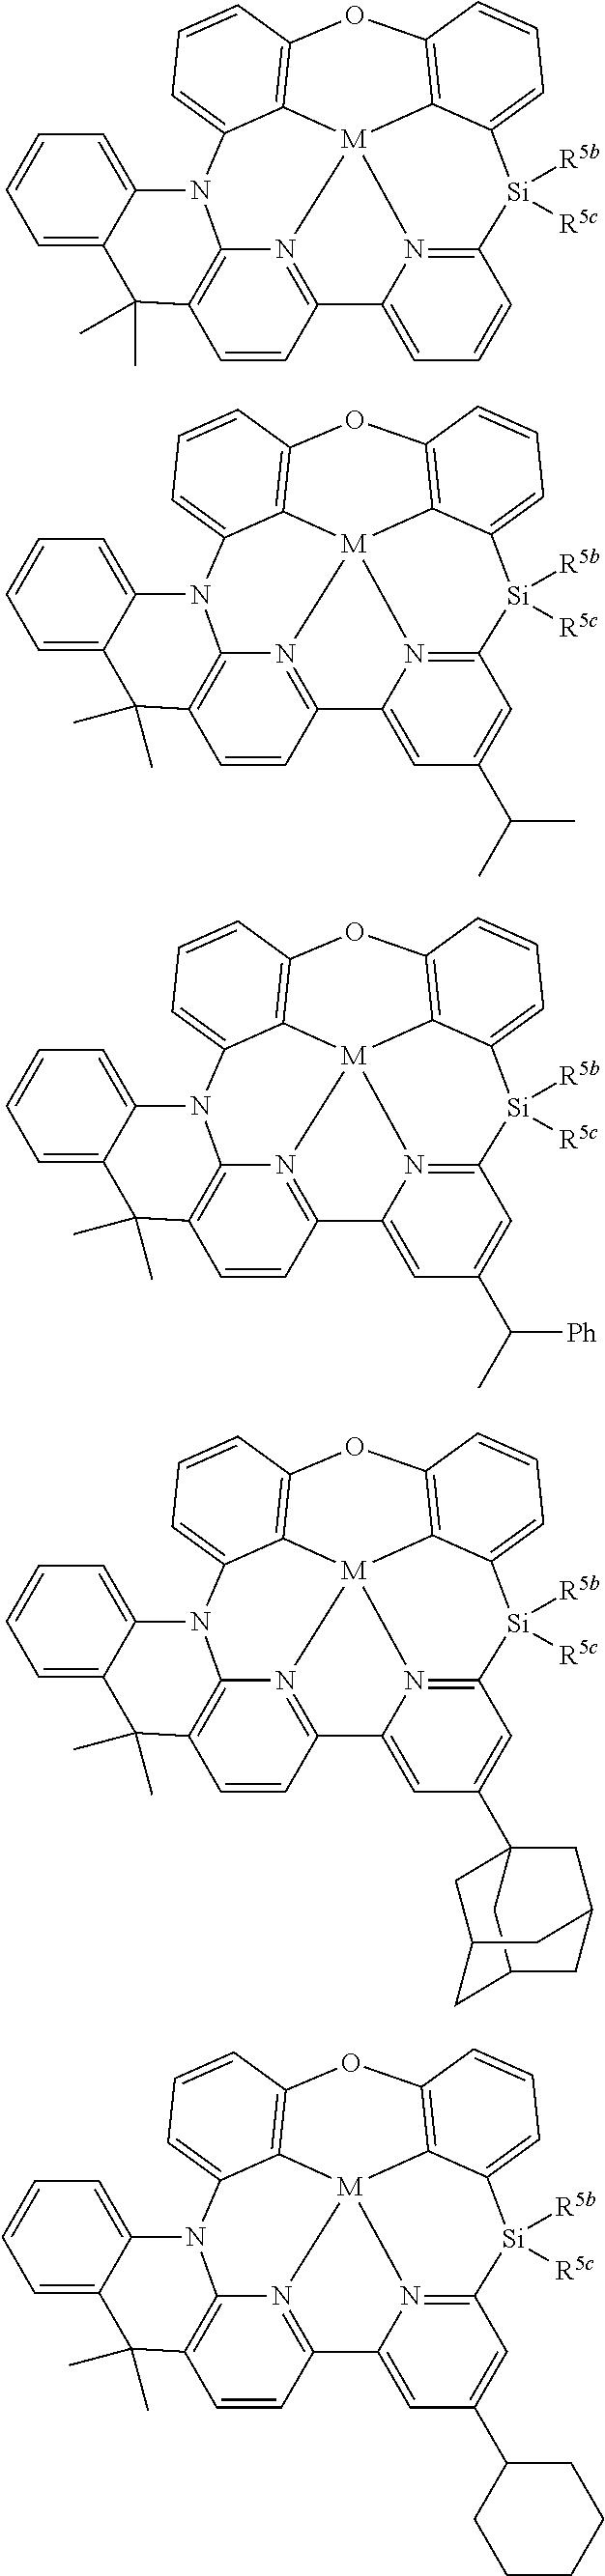 Figure US10158091-20181218-C00147